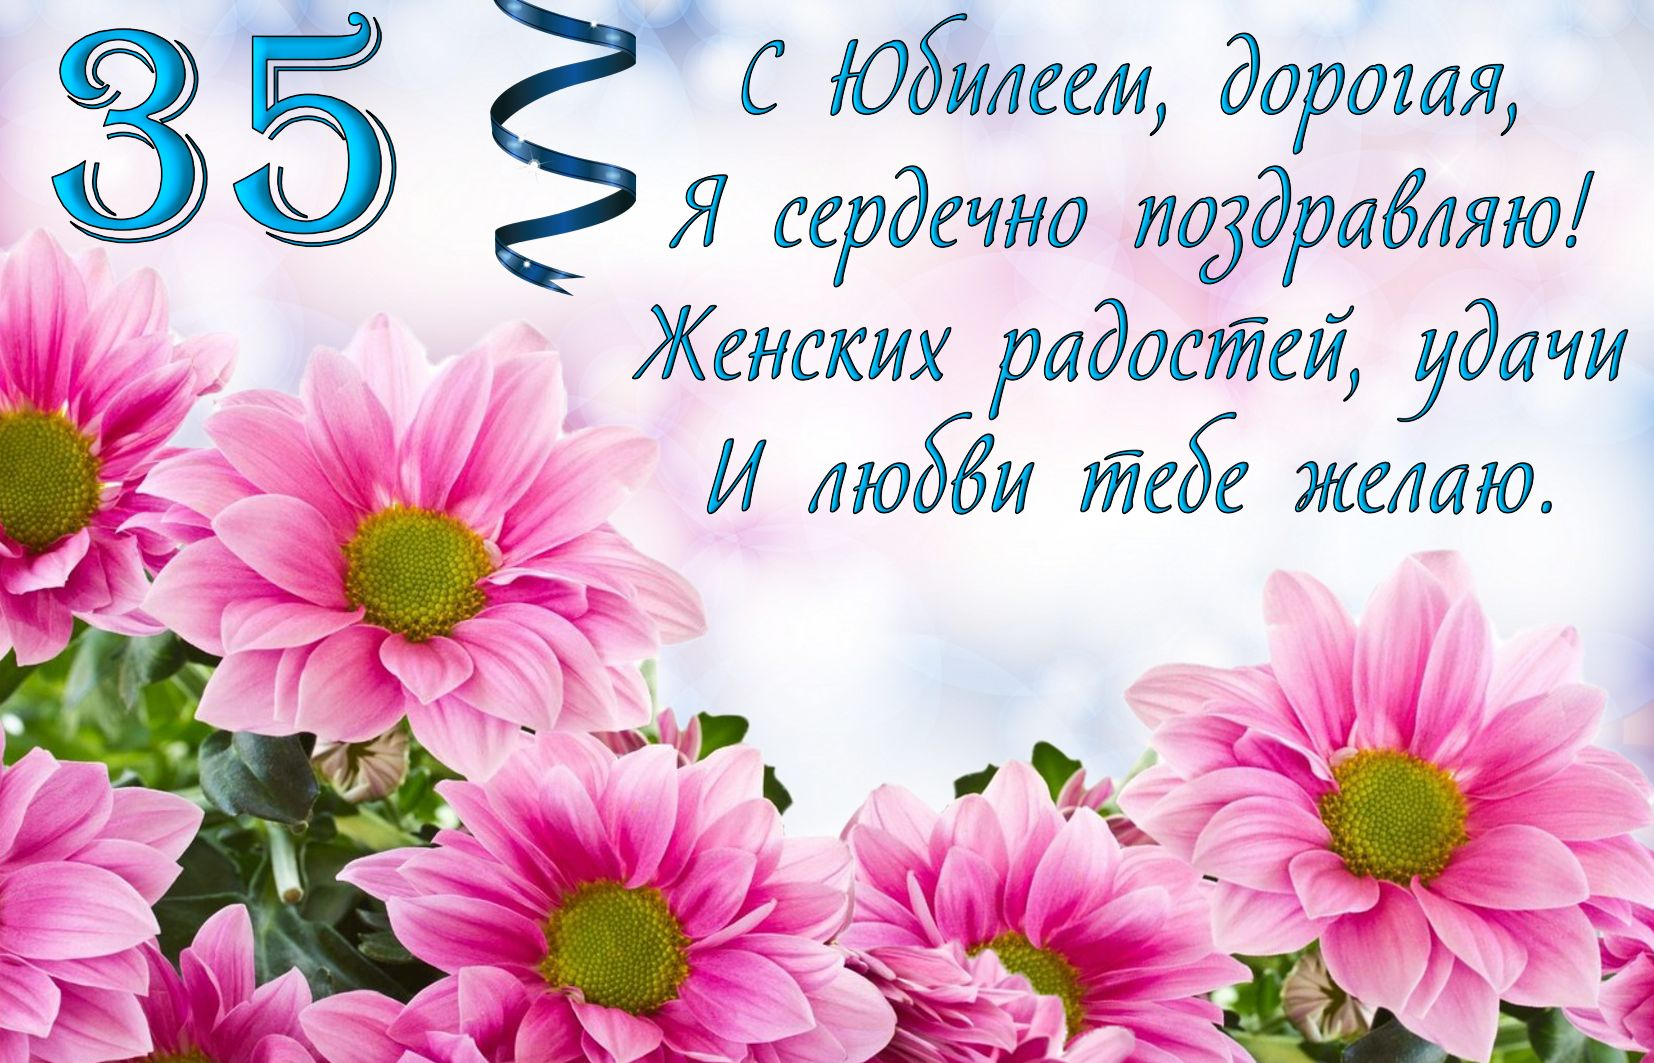 Поздравления с юбилеем 45 лет женщине - Поздравок 91